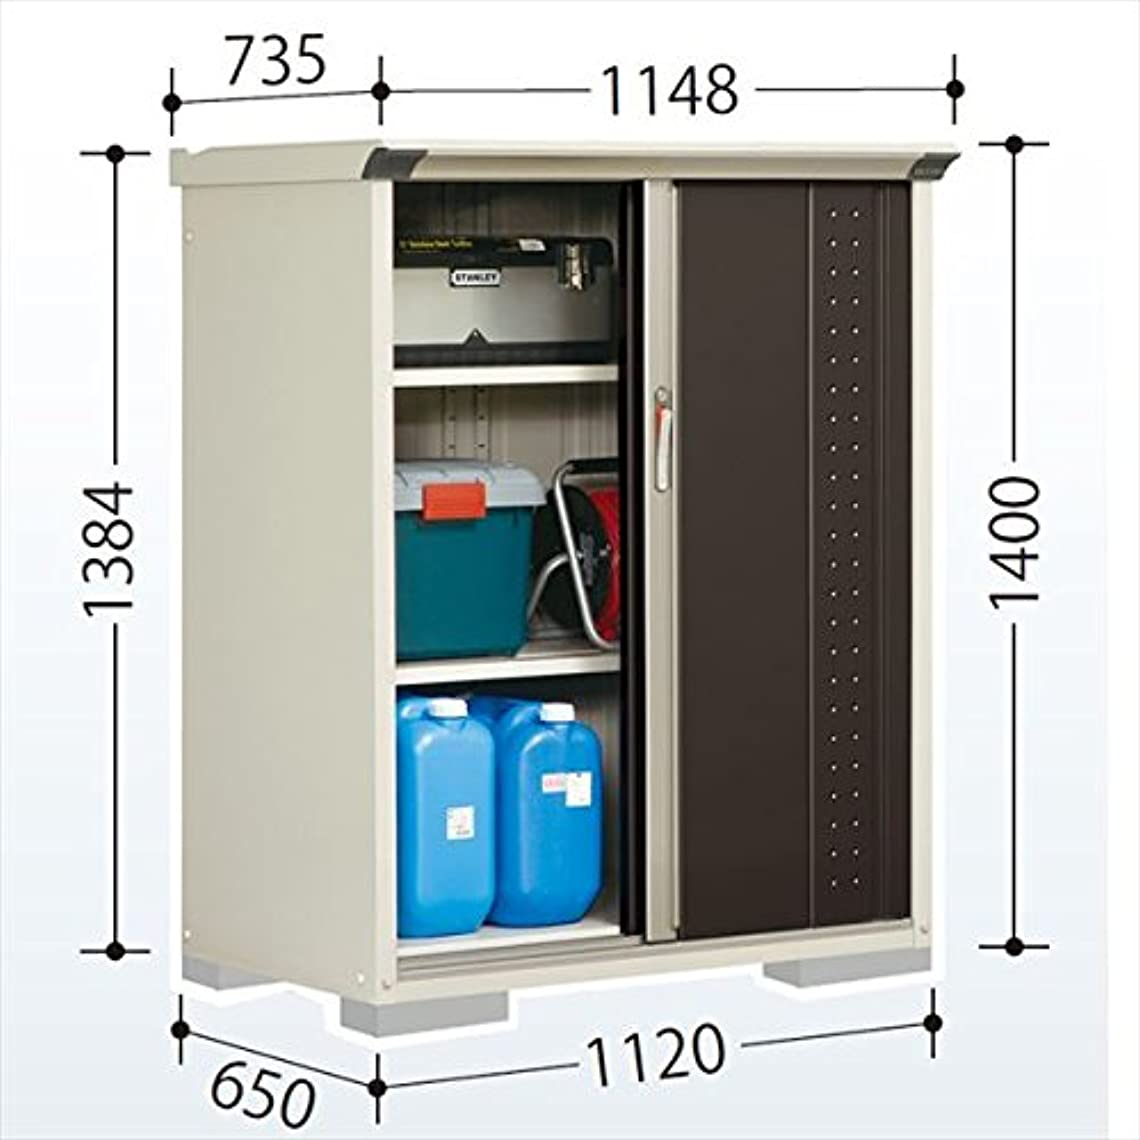 を必要としていますブロッサム切るタクボ物置 GP/グランプレステージ ジャンプ GP-116CT たて置きタイプ(ネット棚) 『屋外用 小型物置 DIY向け 収納庫』 ディープブルー